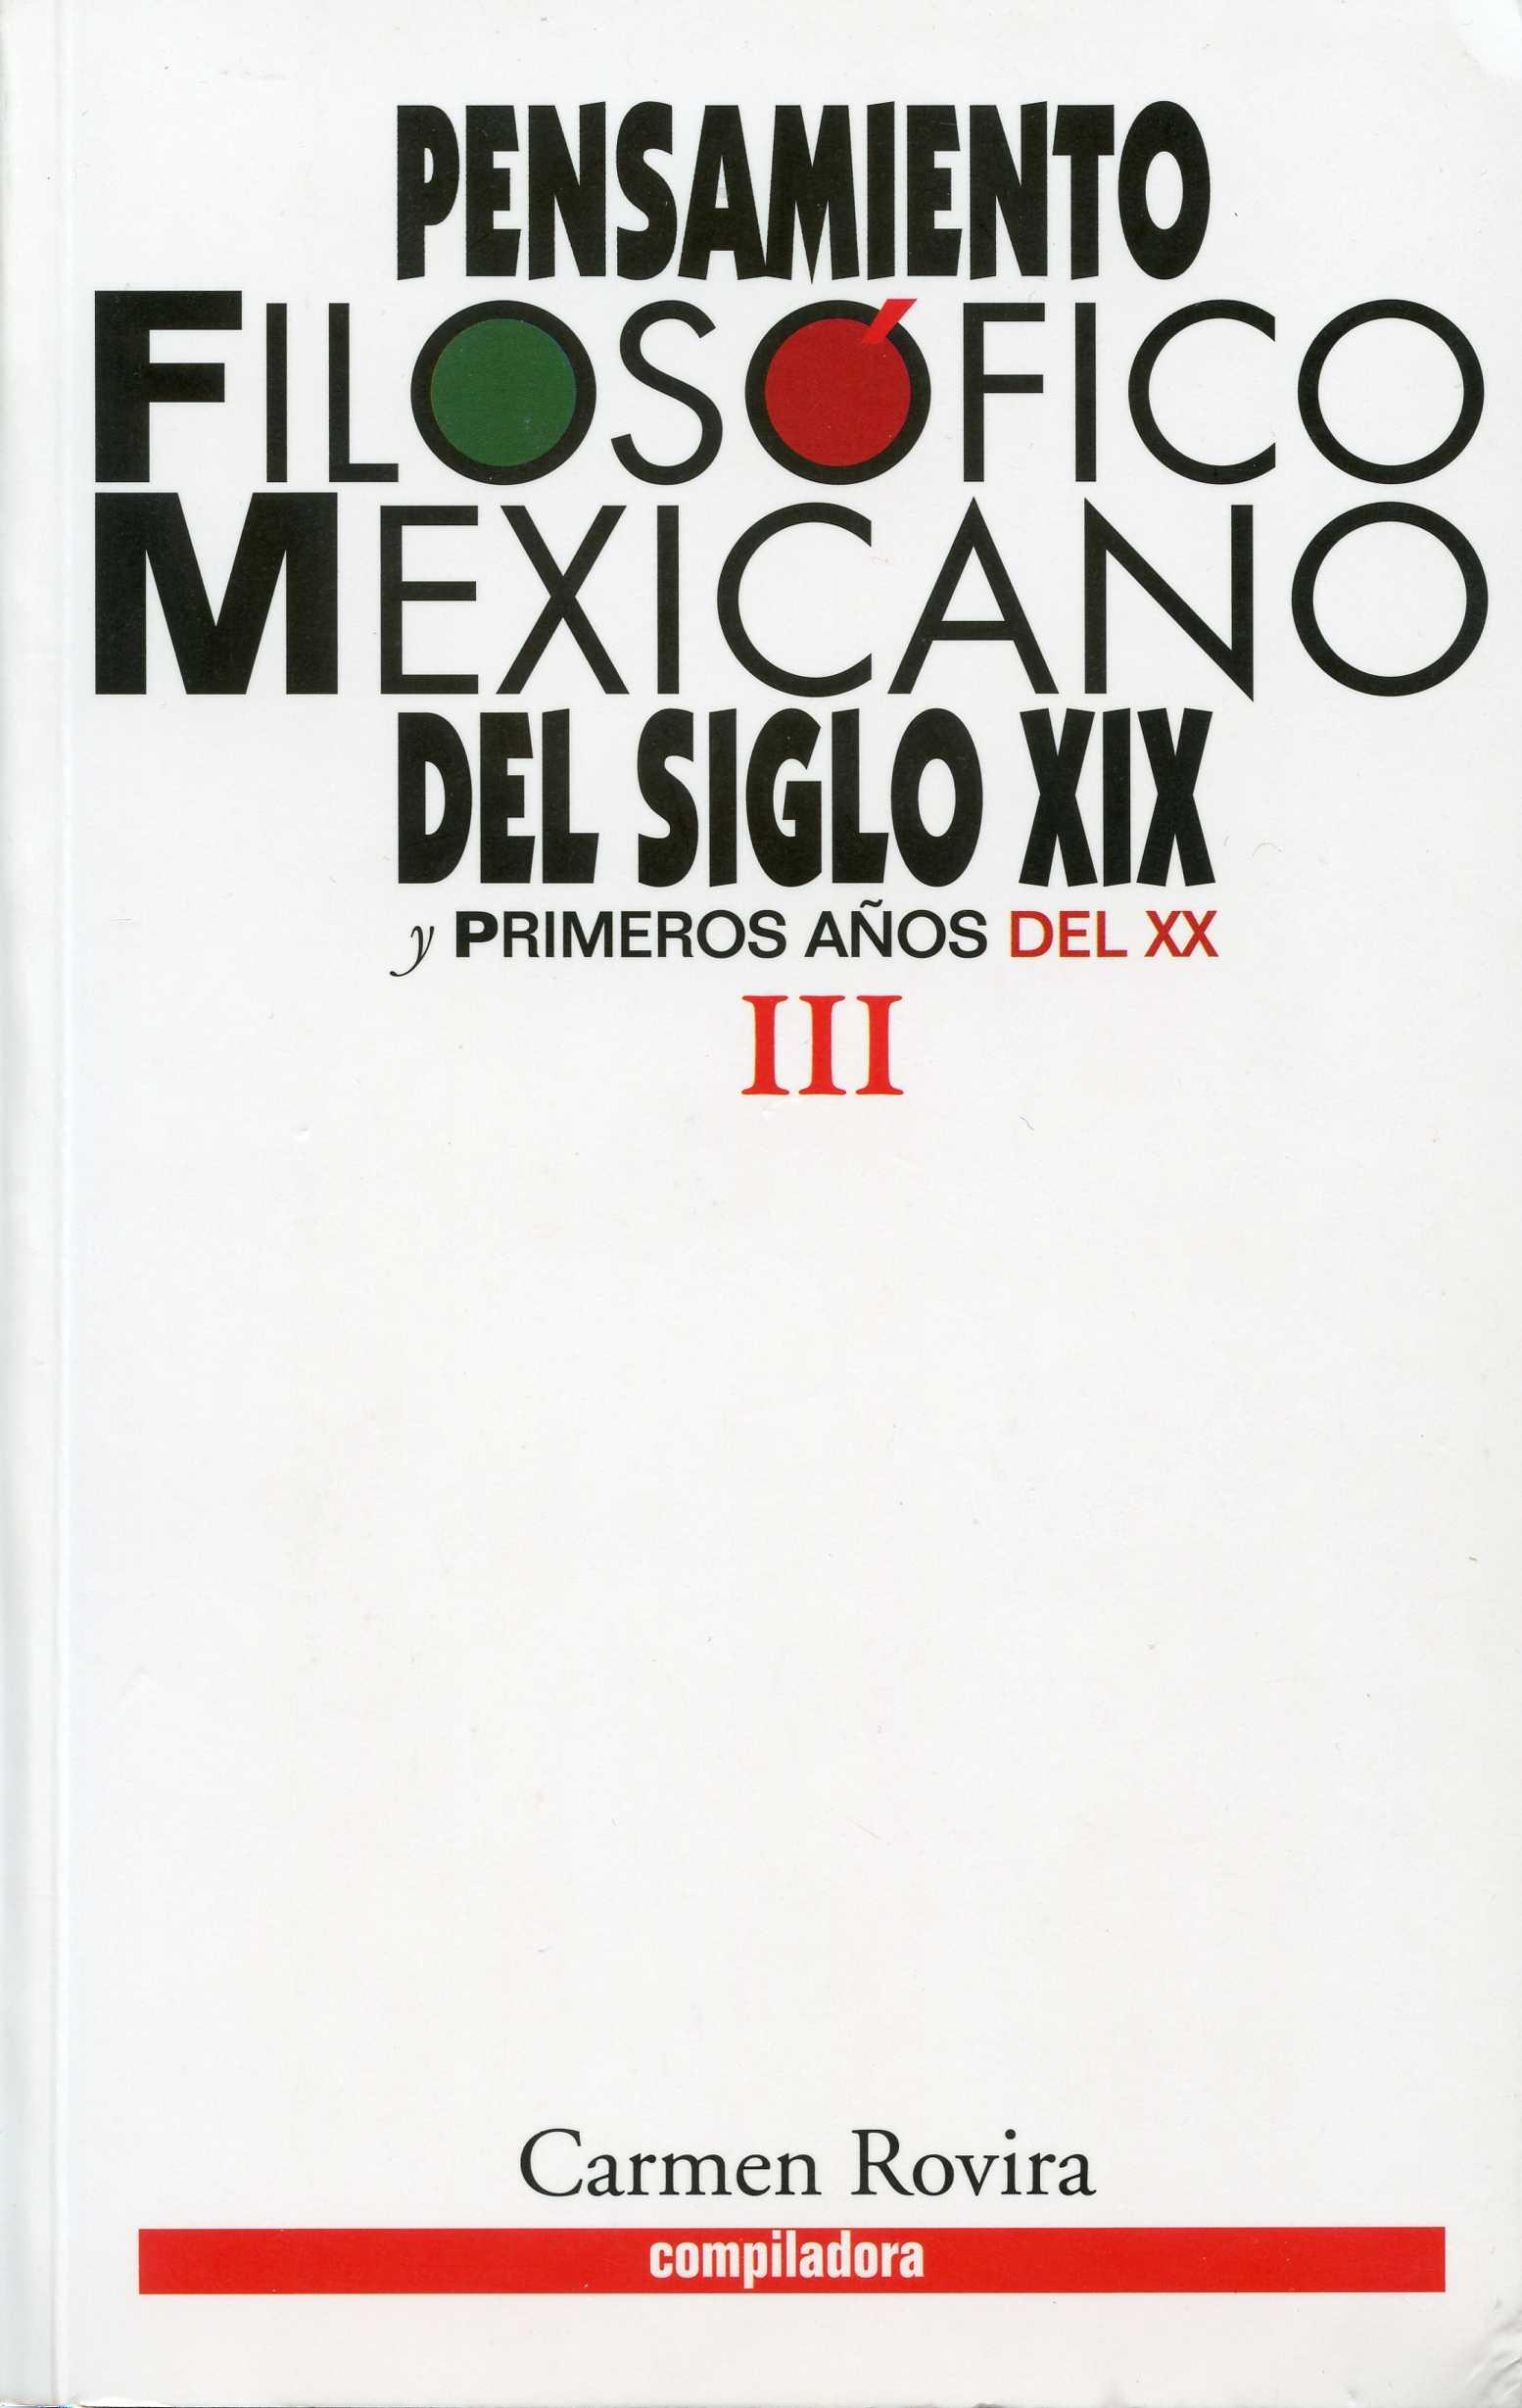 Pensamiento filosófico mexicano del siglo XIX y primeros años del XX. Tomo III